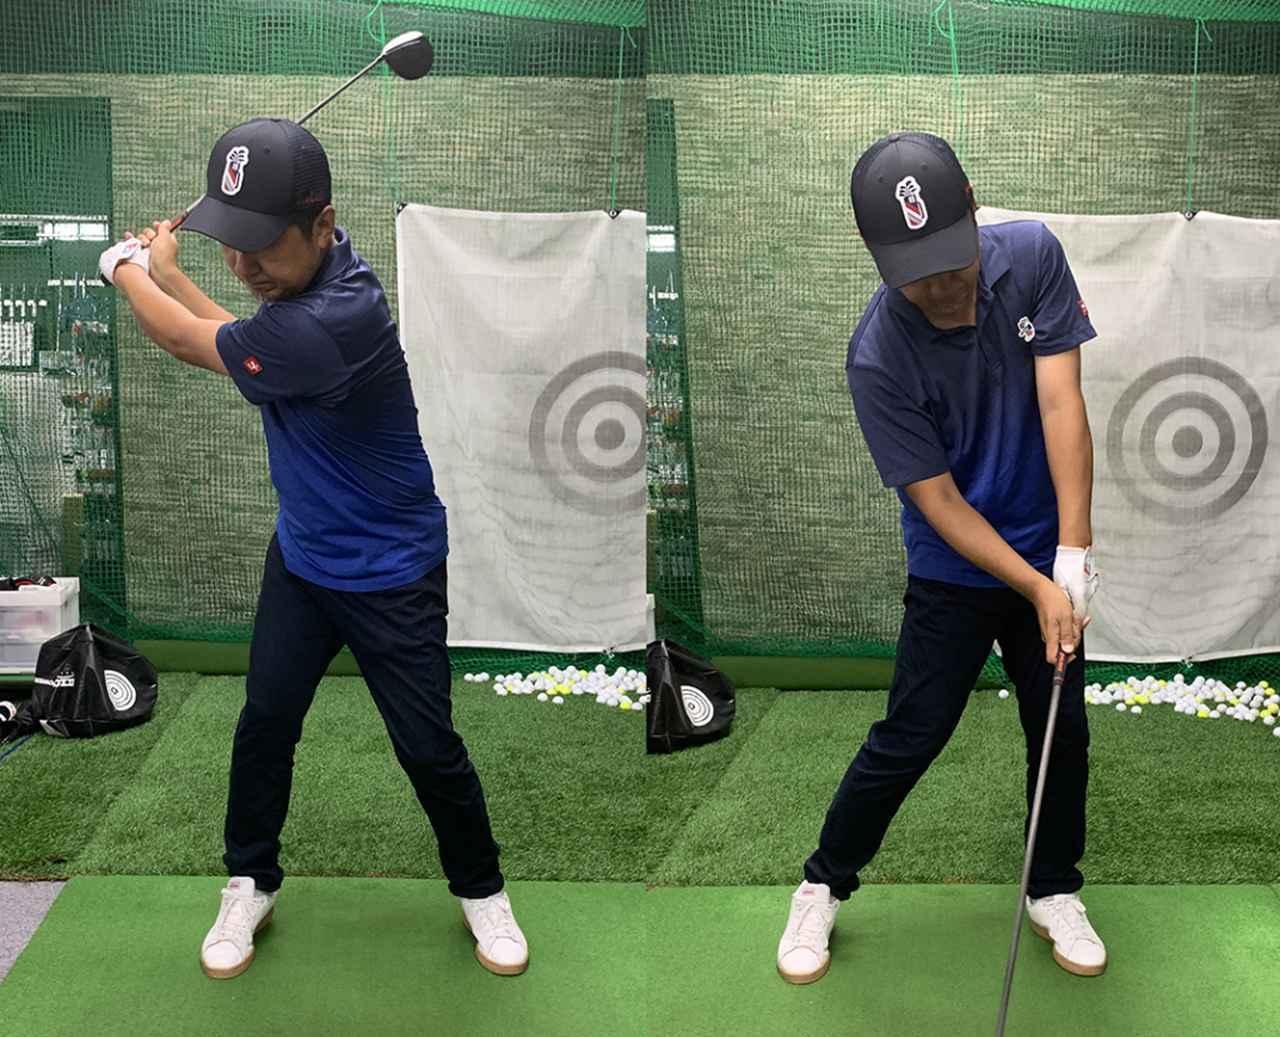 画像: 右かかとを上げてテークバックすると右腰が動かず、しっかりと上下の捻転差ができてパワーが溜まります